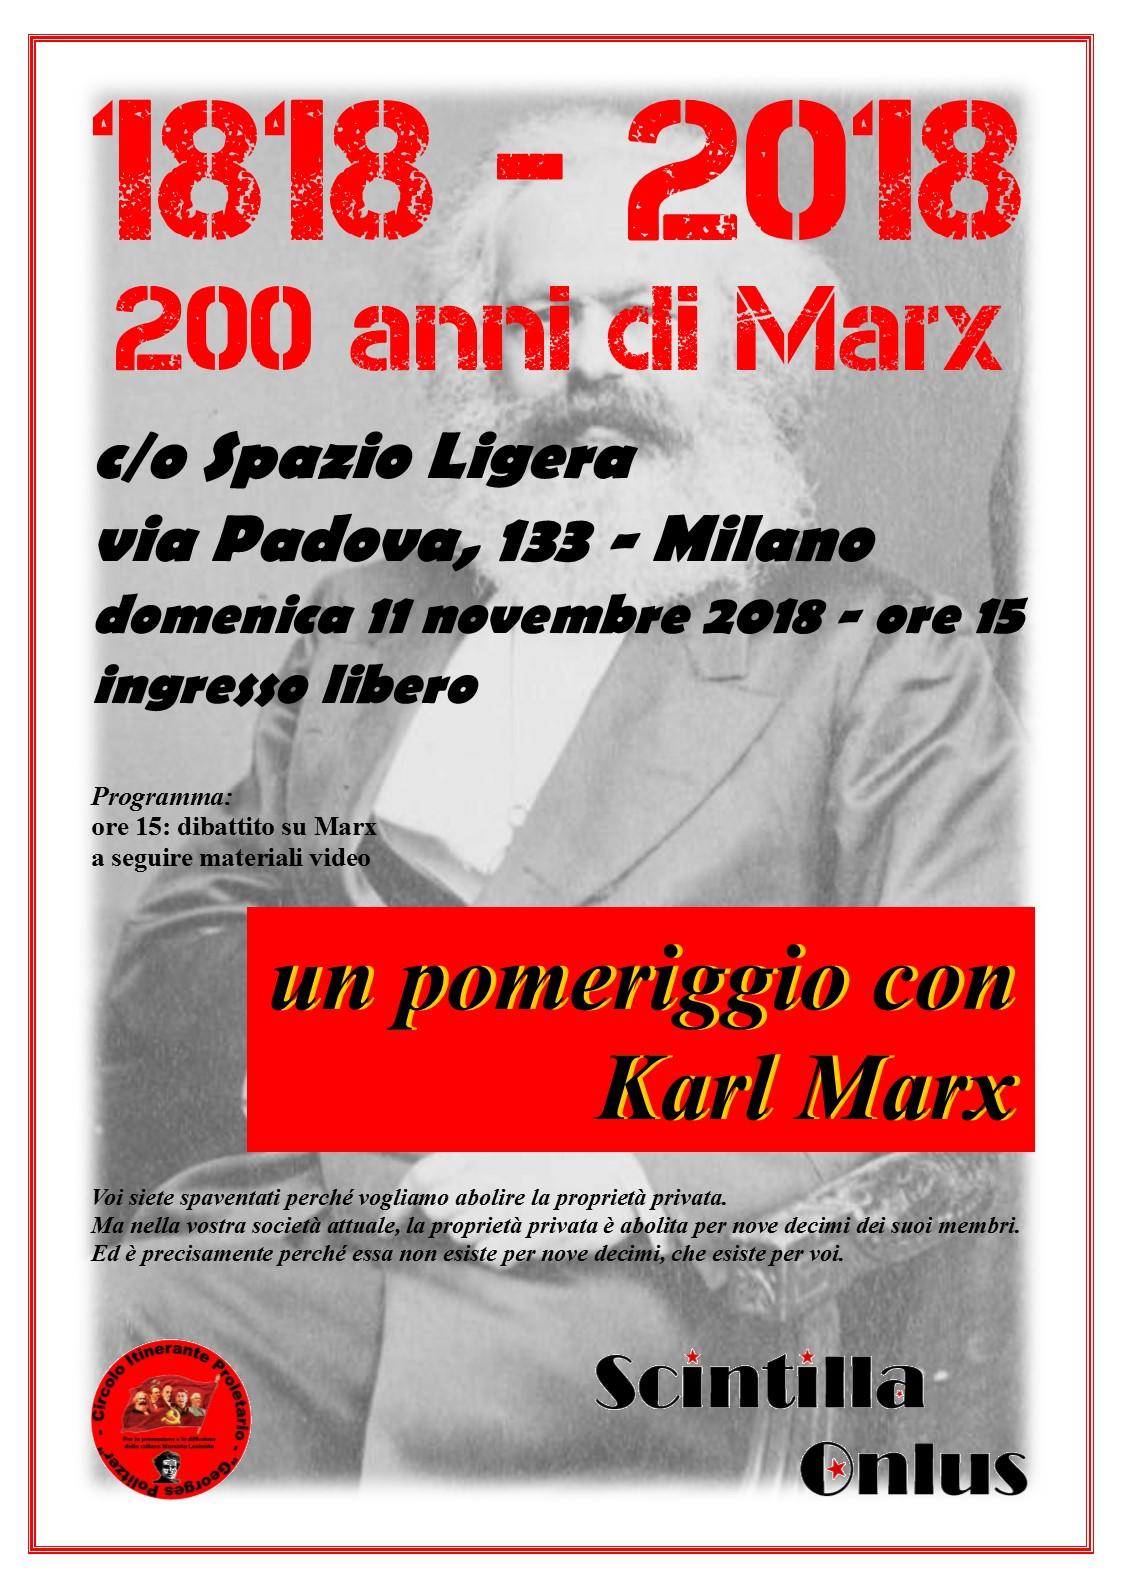 11 novembre 2018: 1818 – 2018 buon compleanno KarlMarx